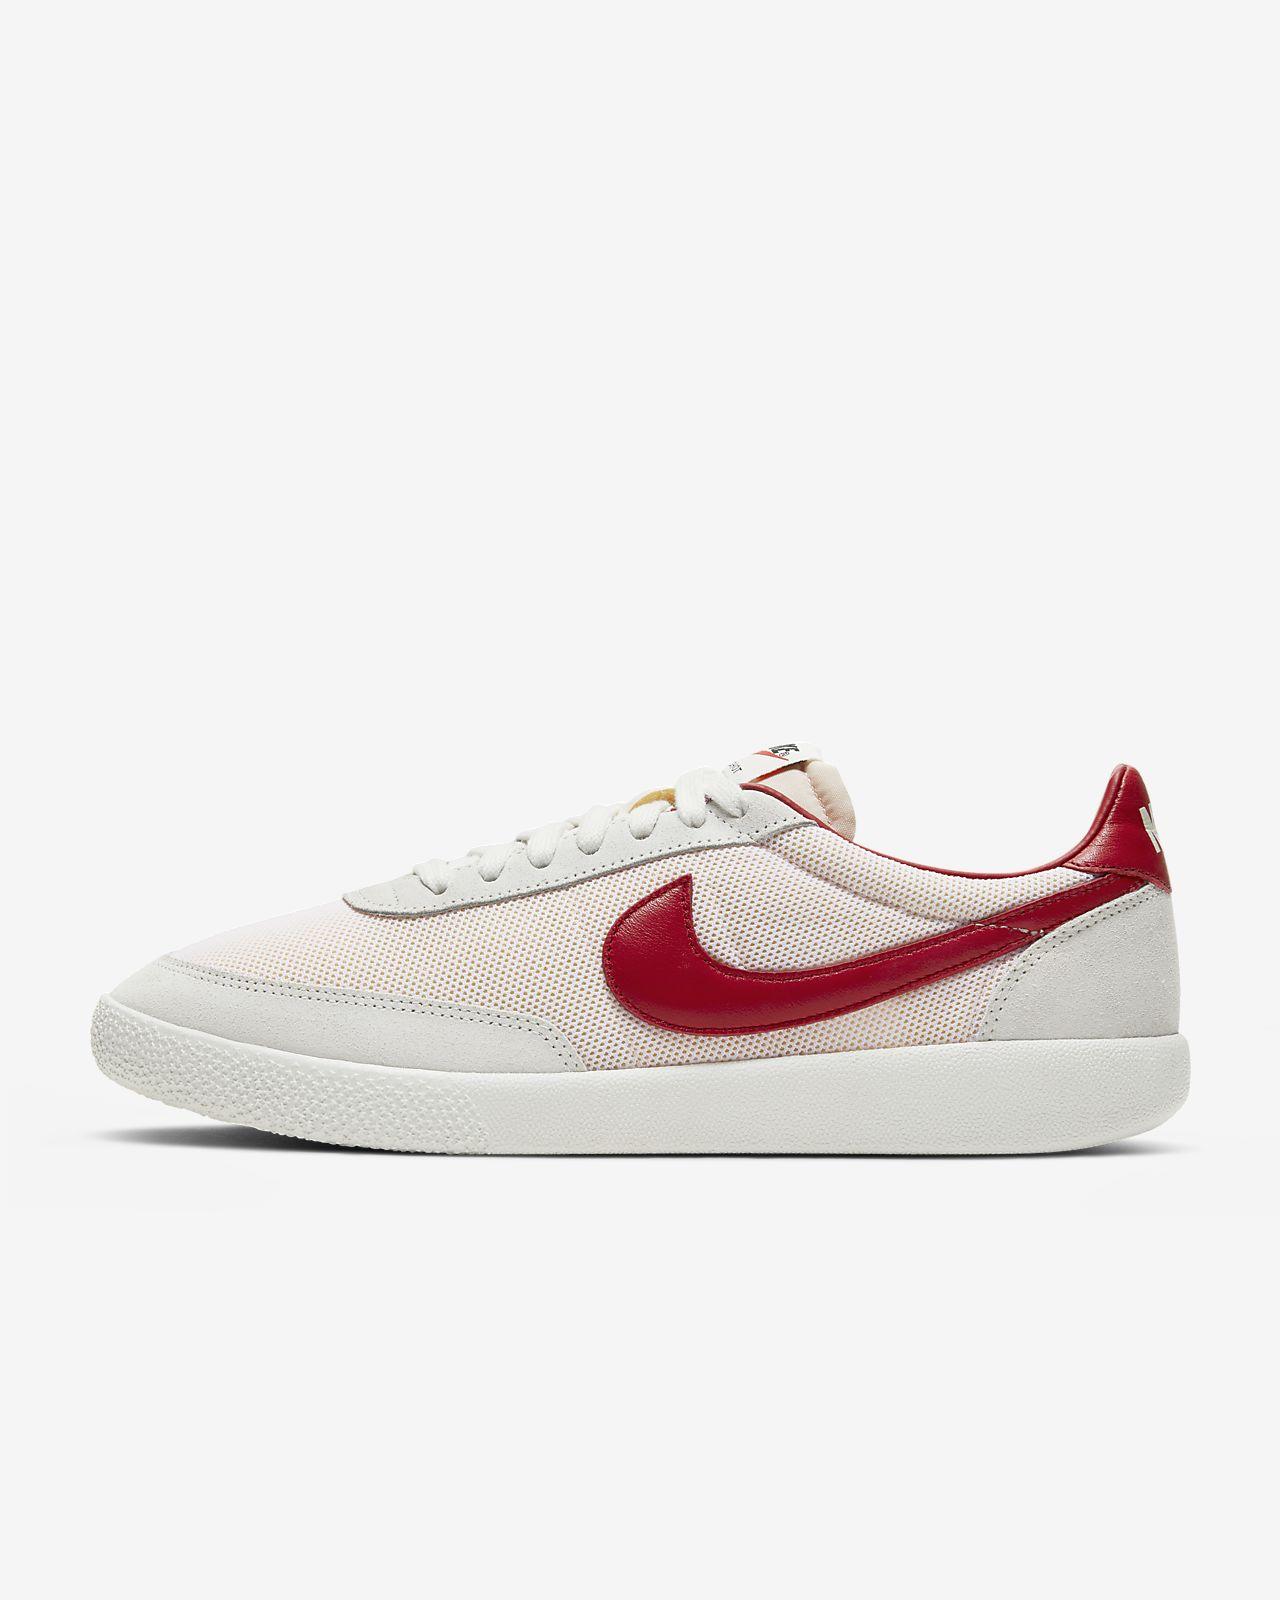 Nike Killshot OG SP 男子运动鞋